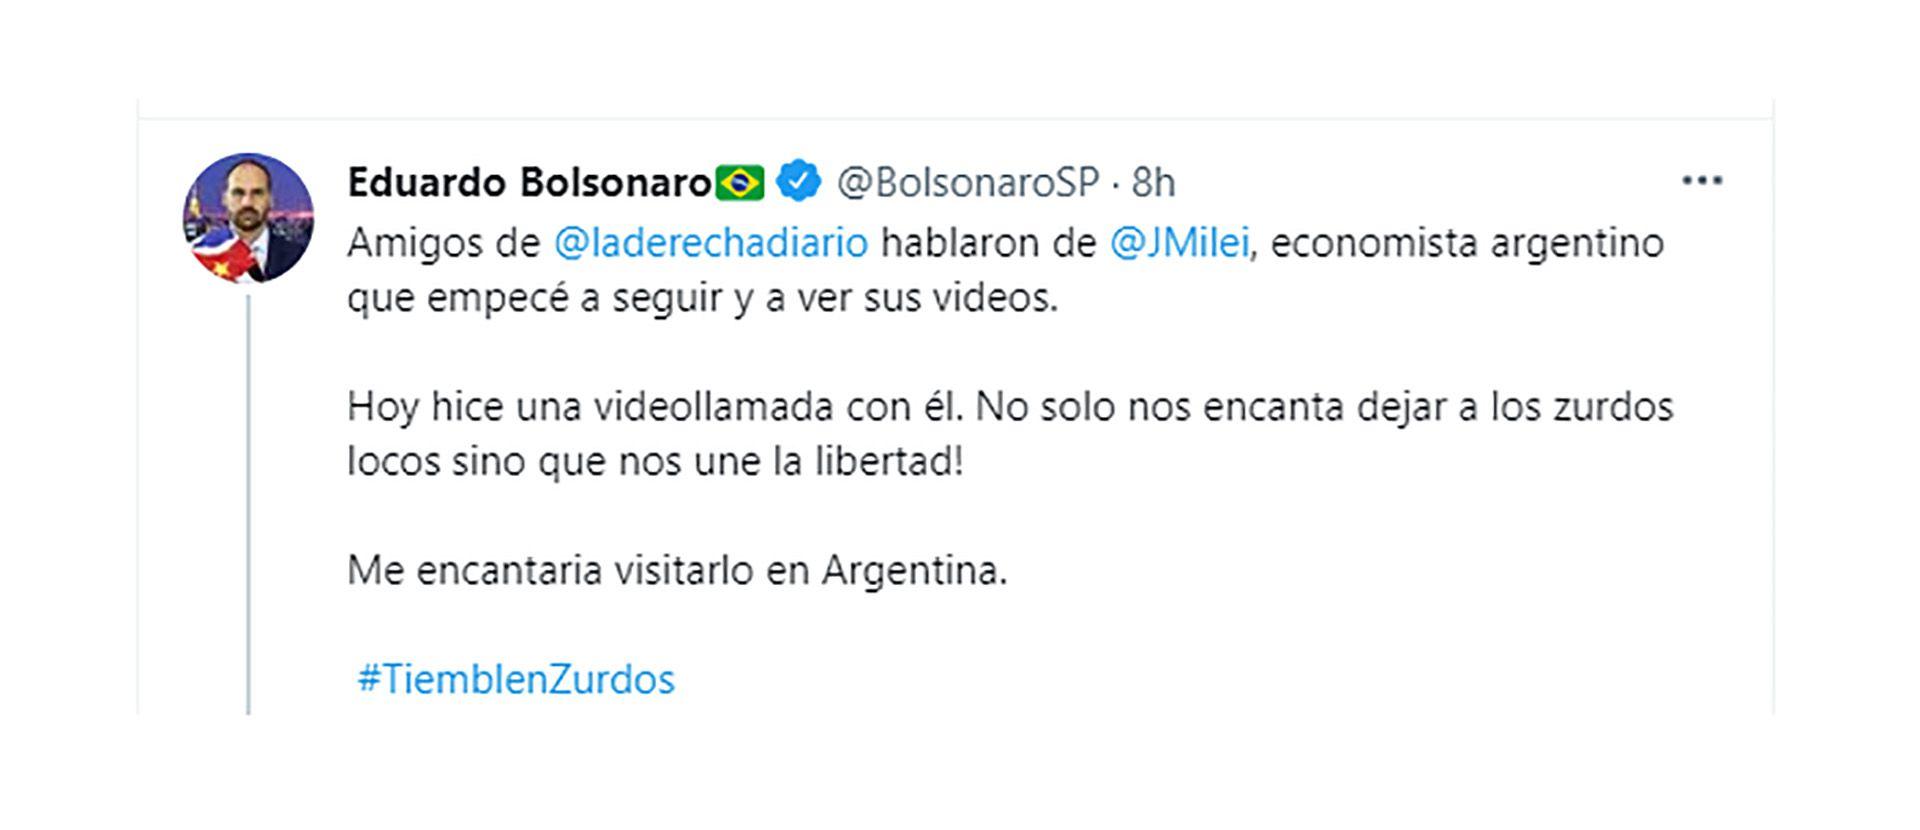 eduardo bolsonaro javier milei